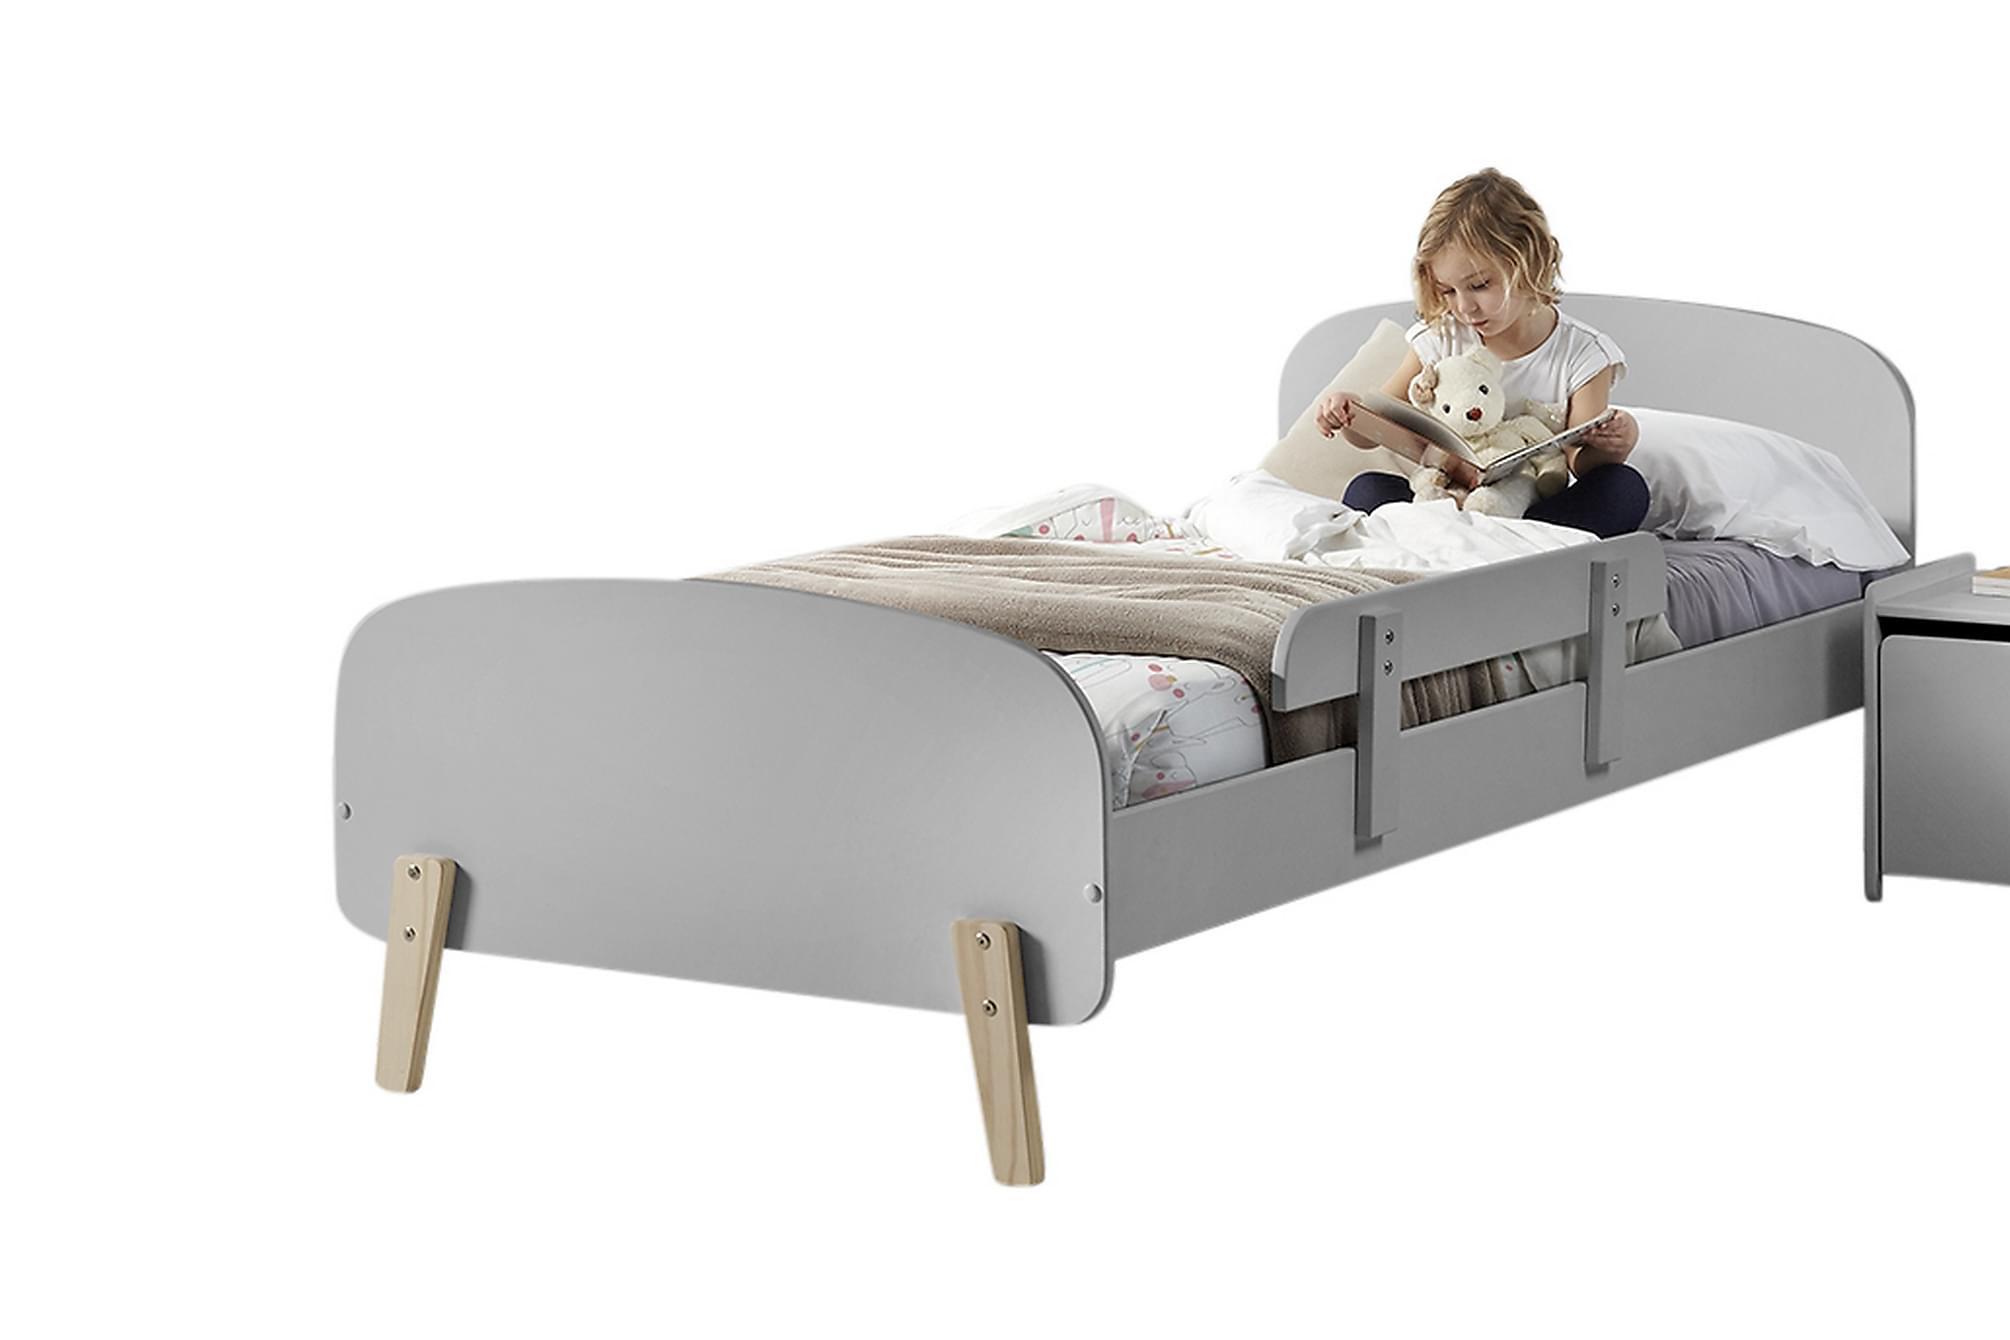 HIPSTOP Sängram Säkerhetsbräda Grå, Möbelset för sovrum